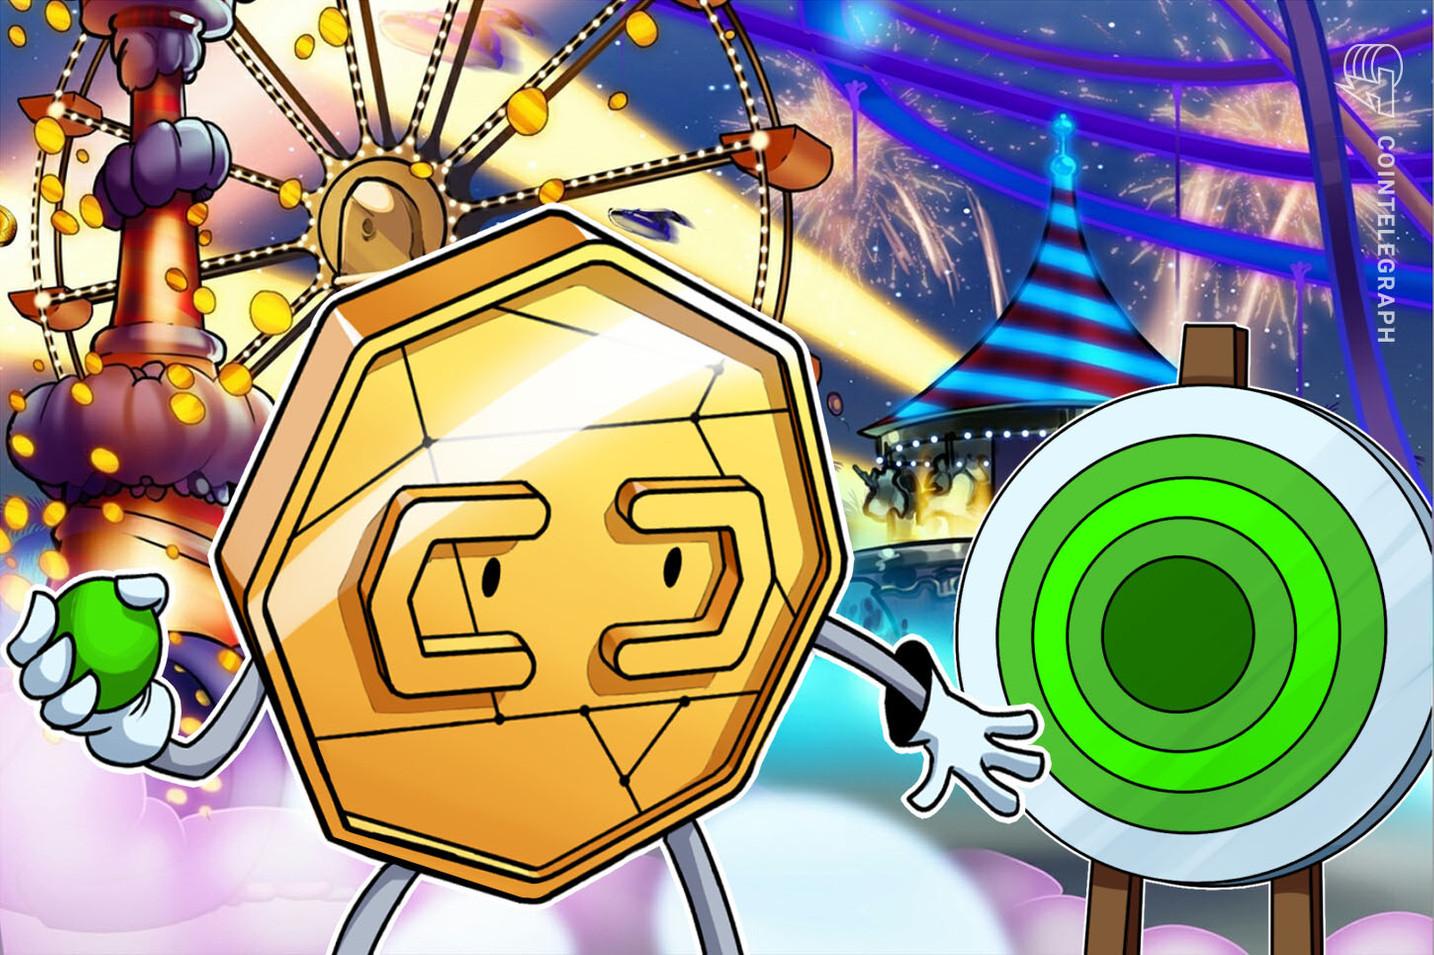 Desde Bitpanda destacan el papel de altcoins como Chainlink, Cosmos y Cardano